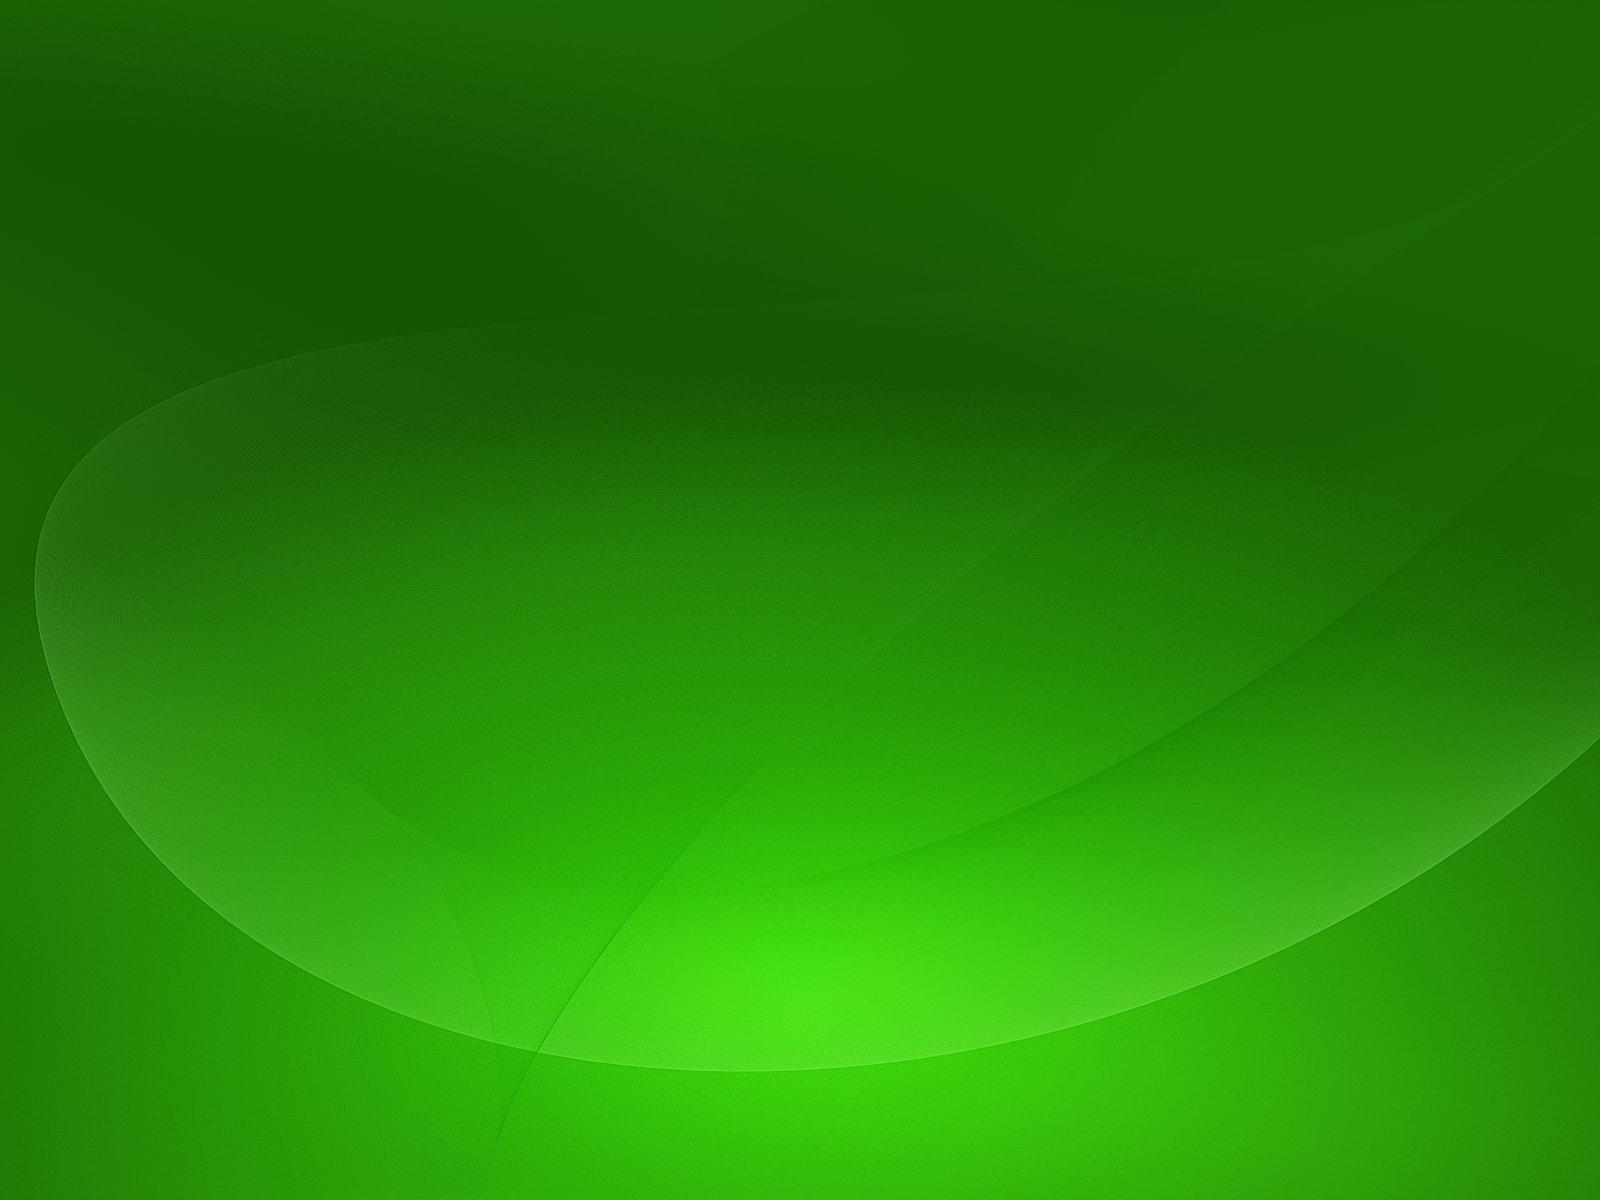 Plain Green Backgrounds Plain Green Wallpaper 1600x1200